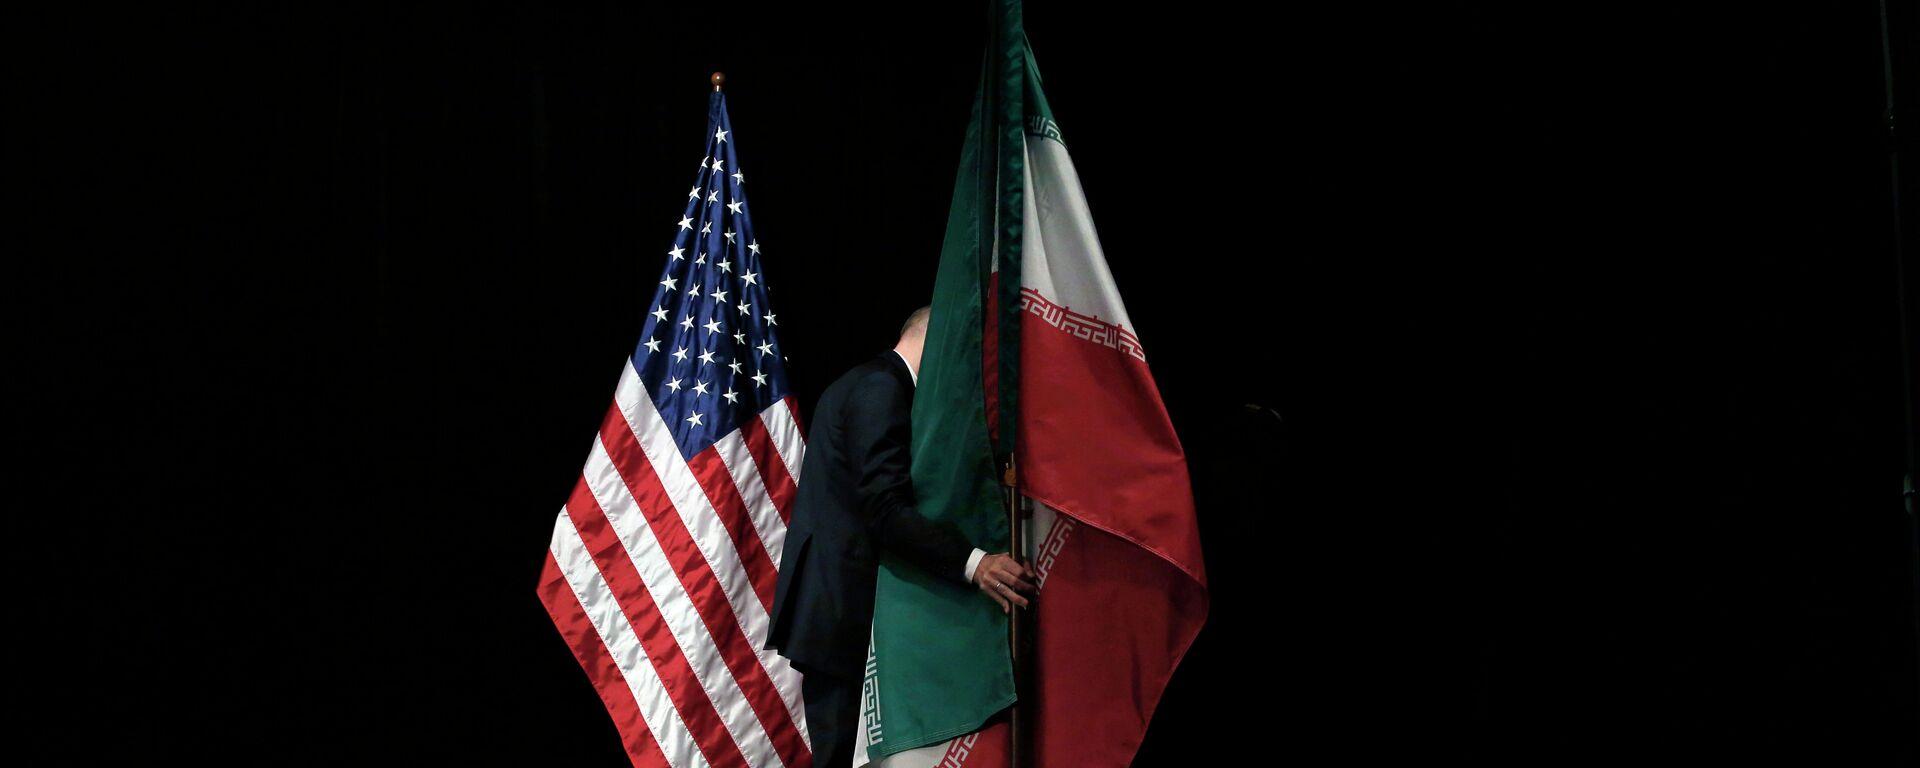 Banderas de EEUU e Irán - Sputnik Mundo, 1920, 02.08.2021